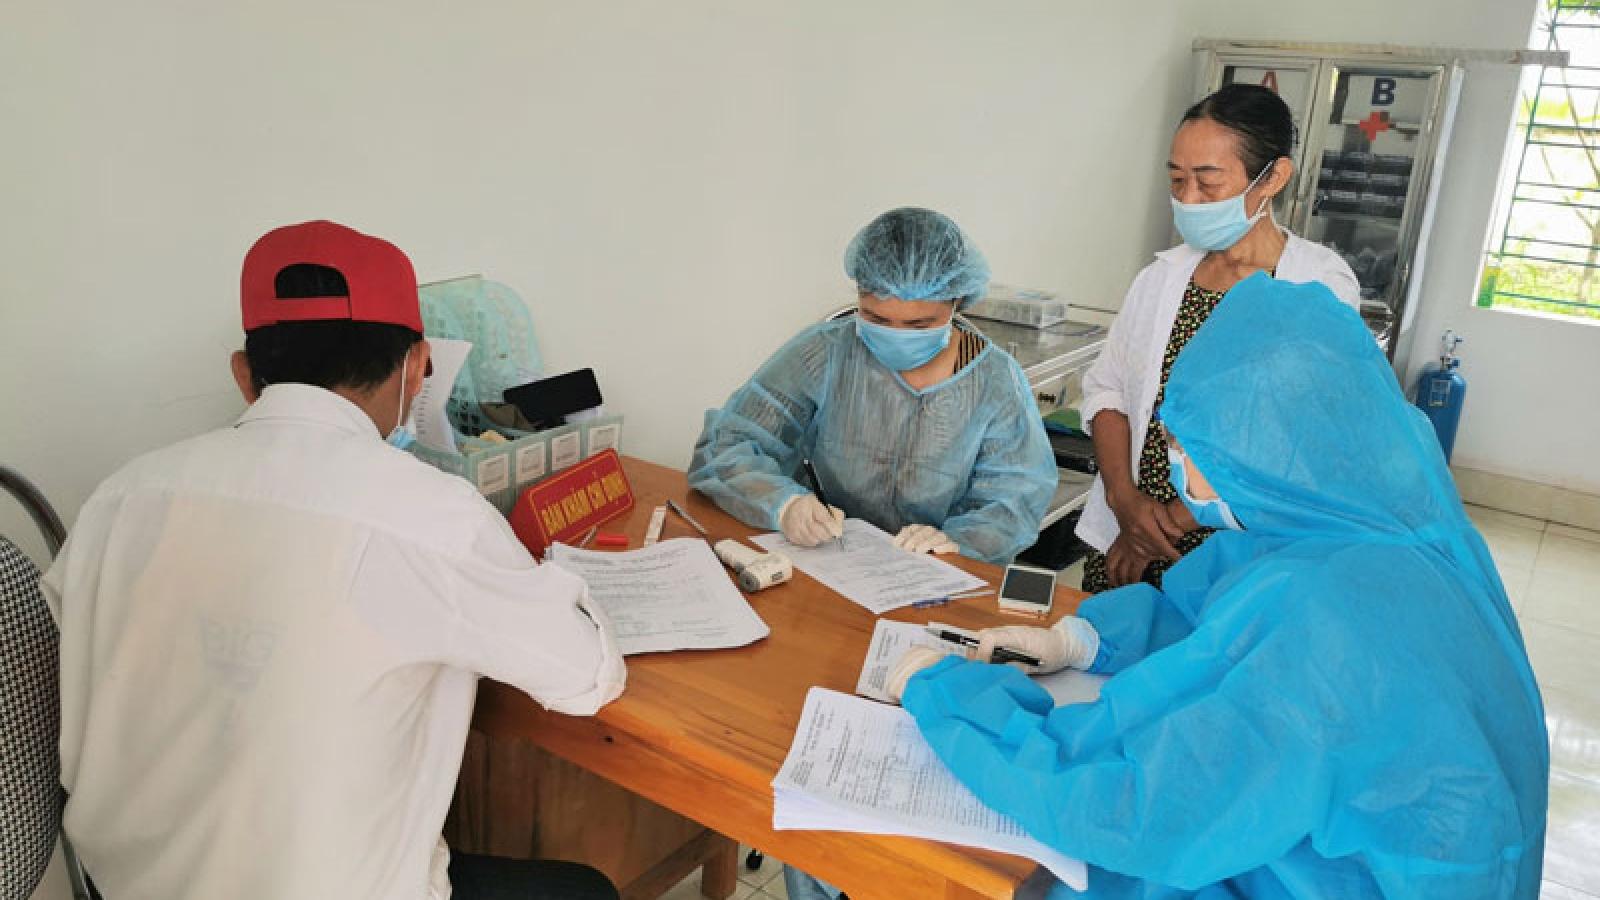 Thái Bình ghi nhận thêm 1 ca dương tính với SARS-CoV-2 sau 5 lần xét nghiệm